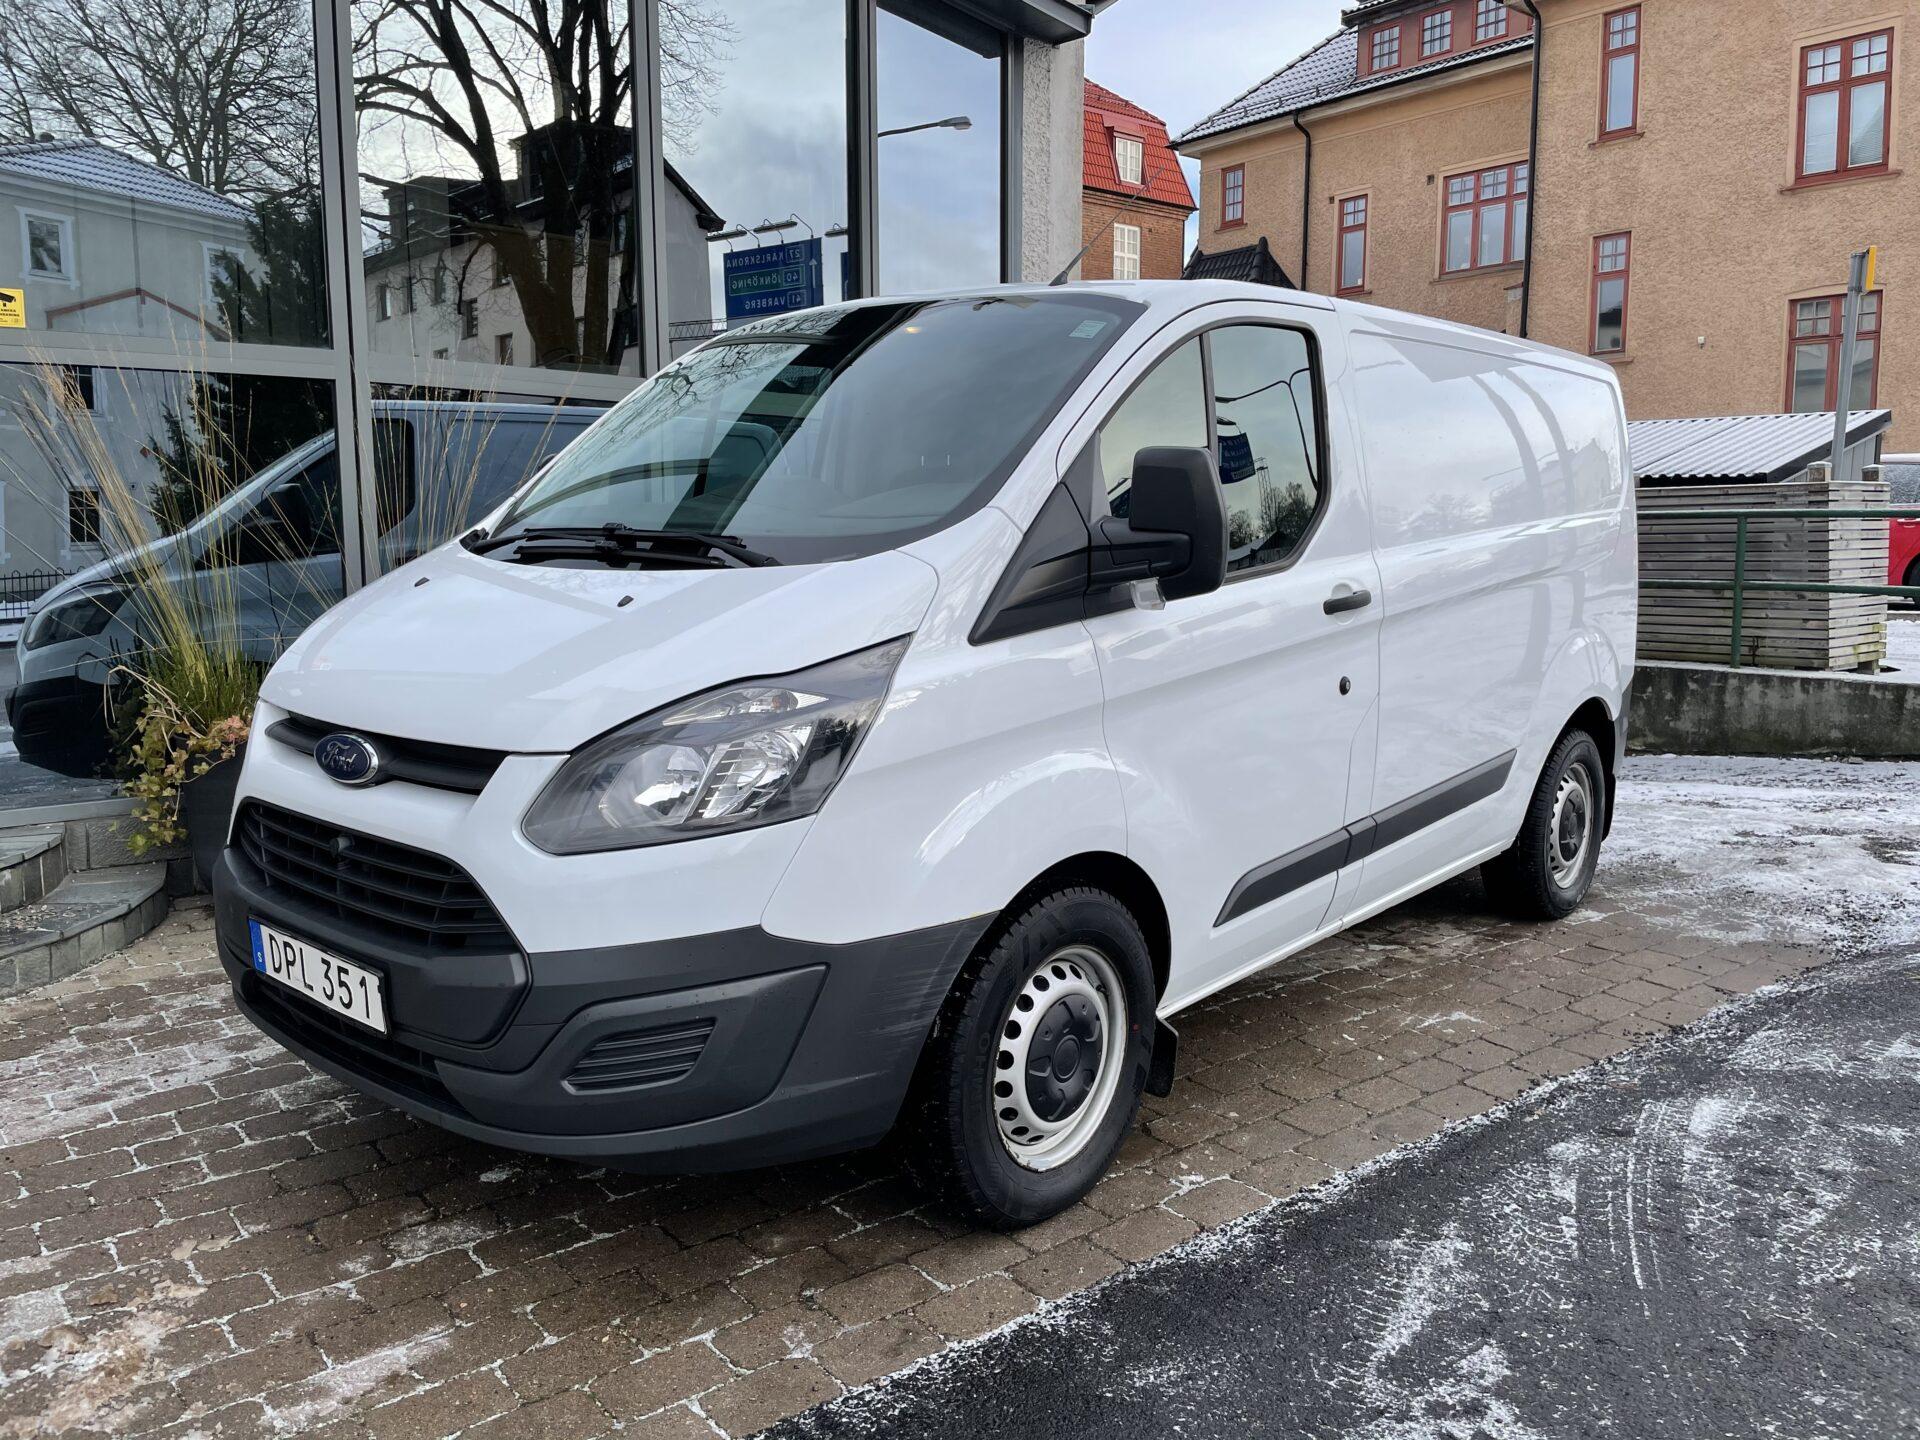 Ford transit custom 2.2 TDCi / Drag /V-hjul/ Leasbar/3 sits